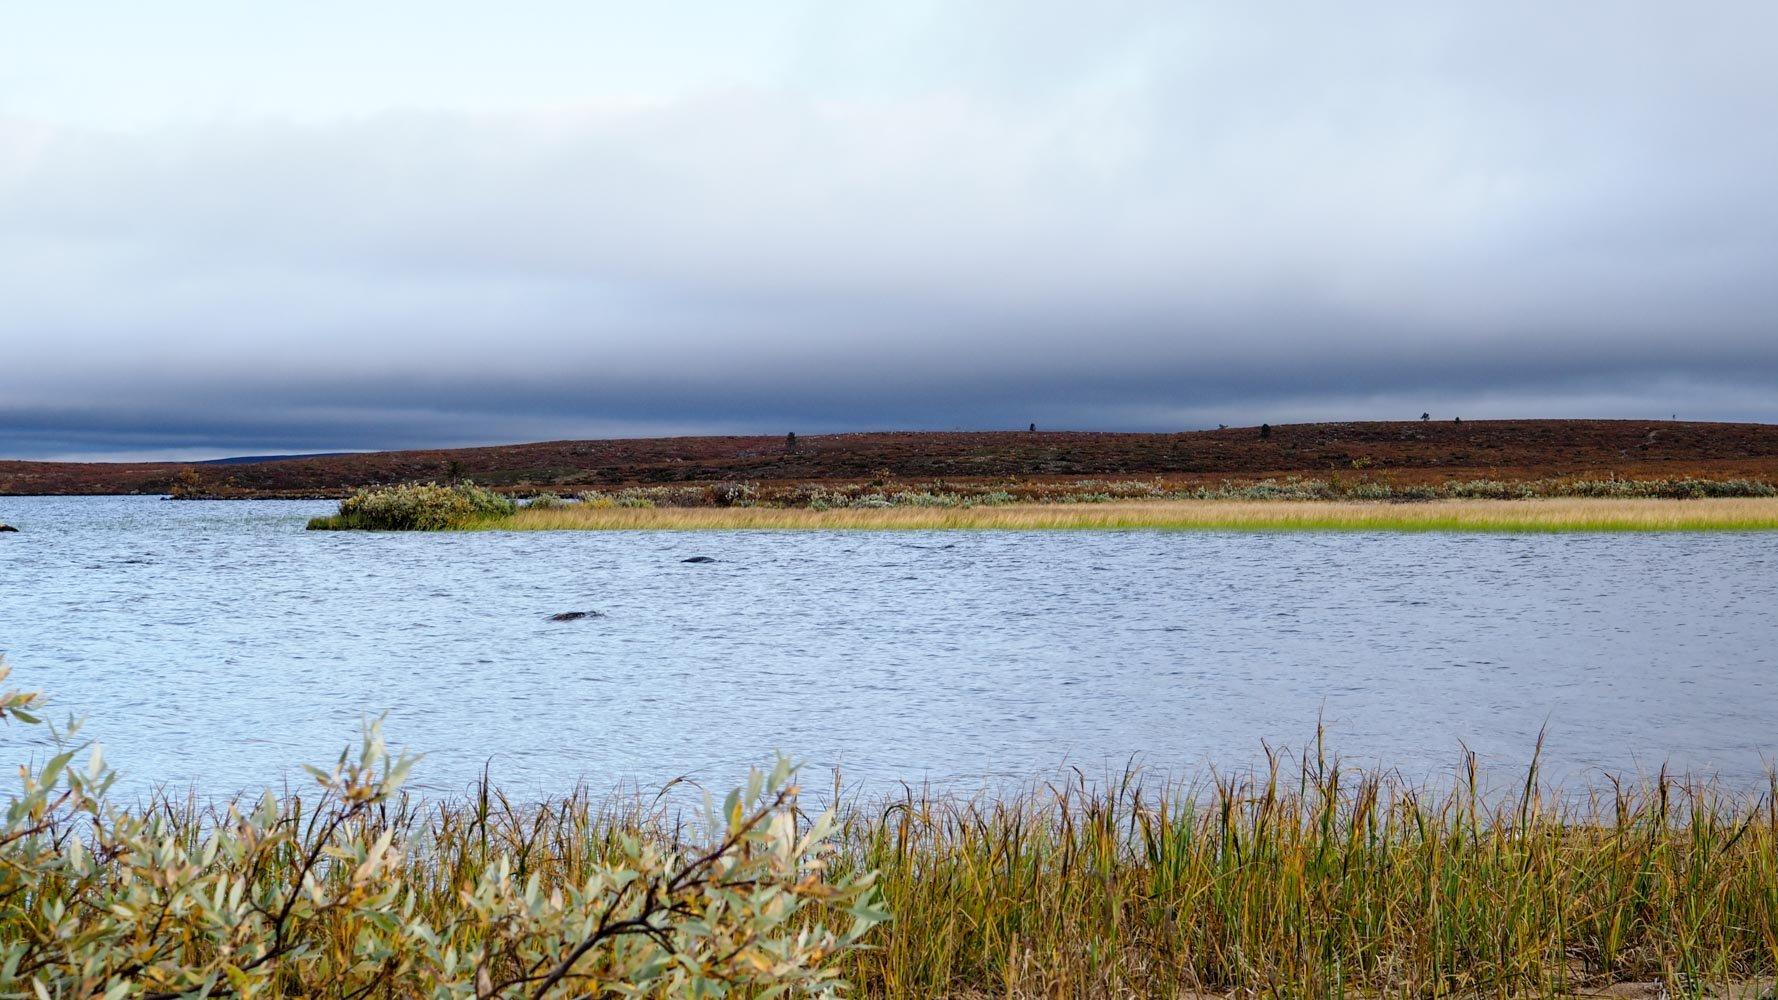 Pöyrisjärven noin 30 metriä leveä lahti, jonka toisella puolella kasvaa kaislikkoa ja yksinäinen pajupensas.